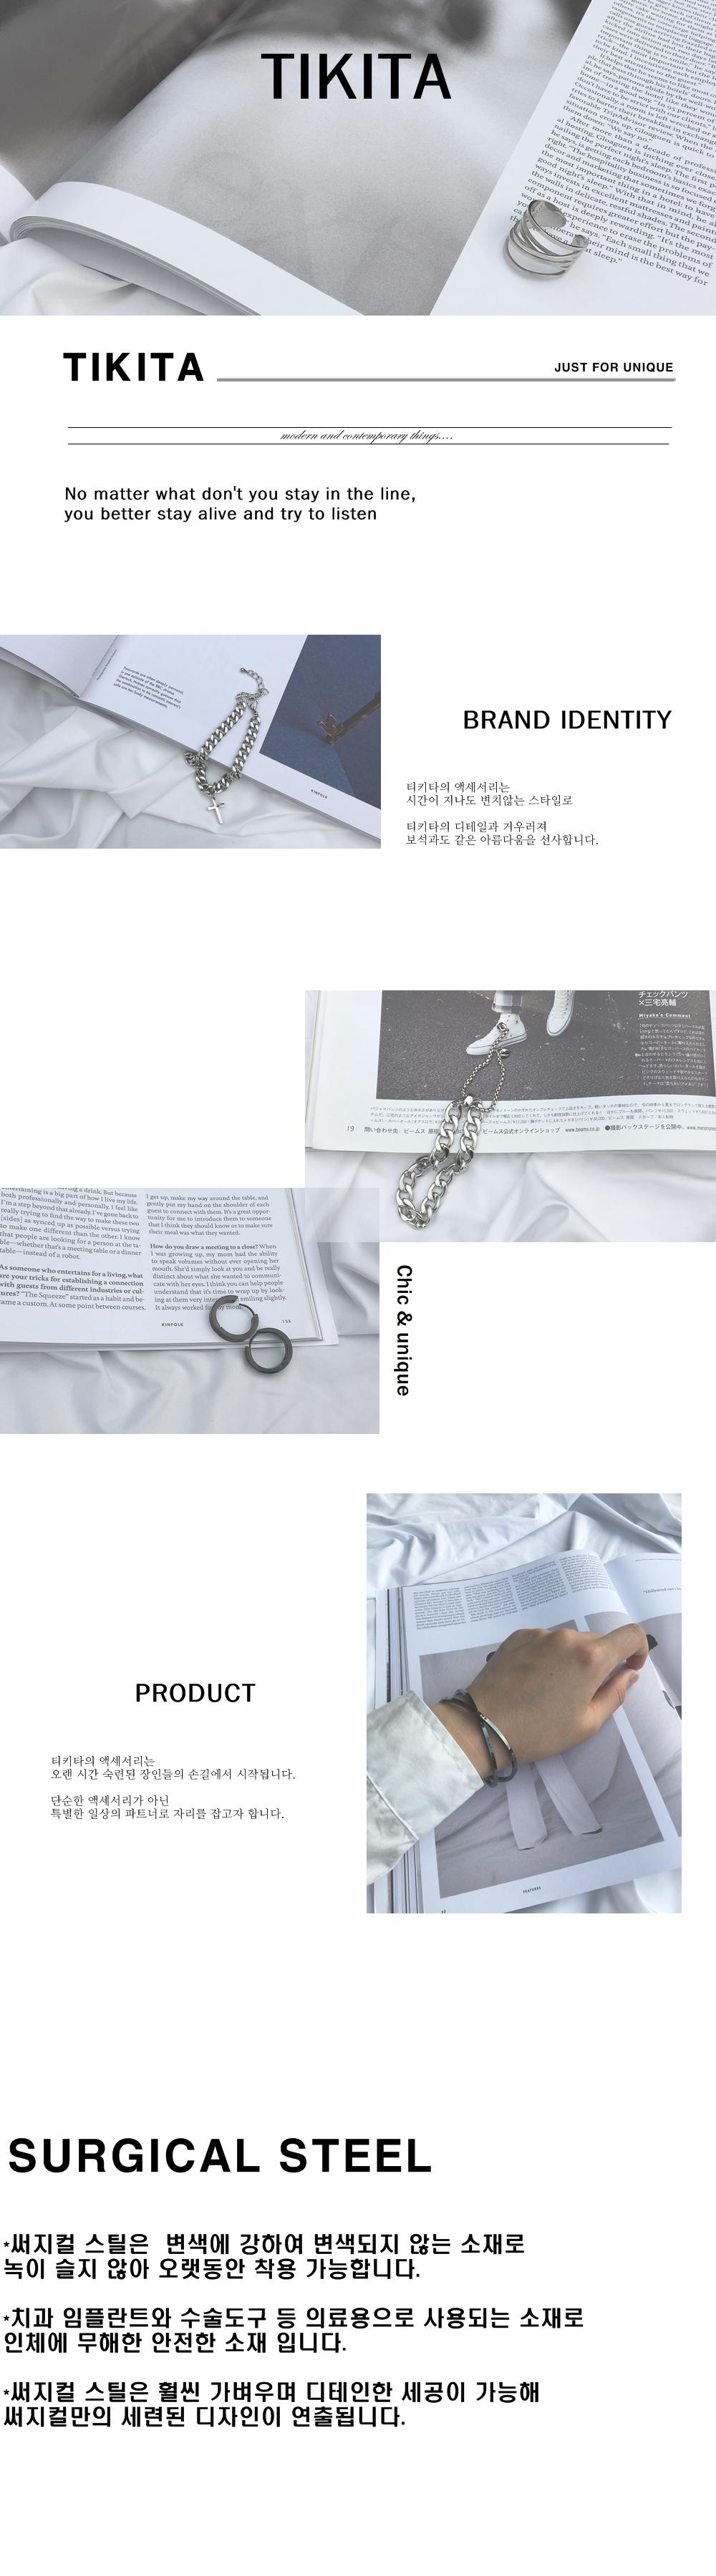 남자 목걸이 선글라스 안경 걸이 힙합 패션 thin glas - 티키타, 29,900원, 남성주얼리, 목걸이